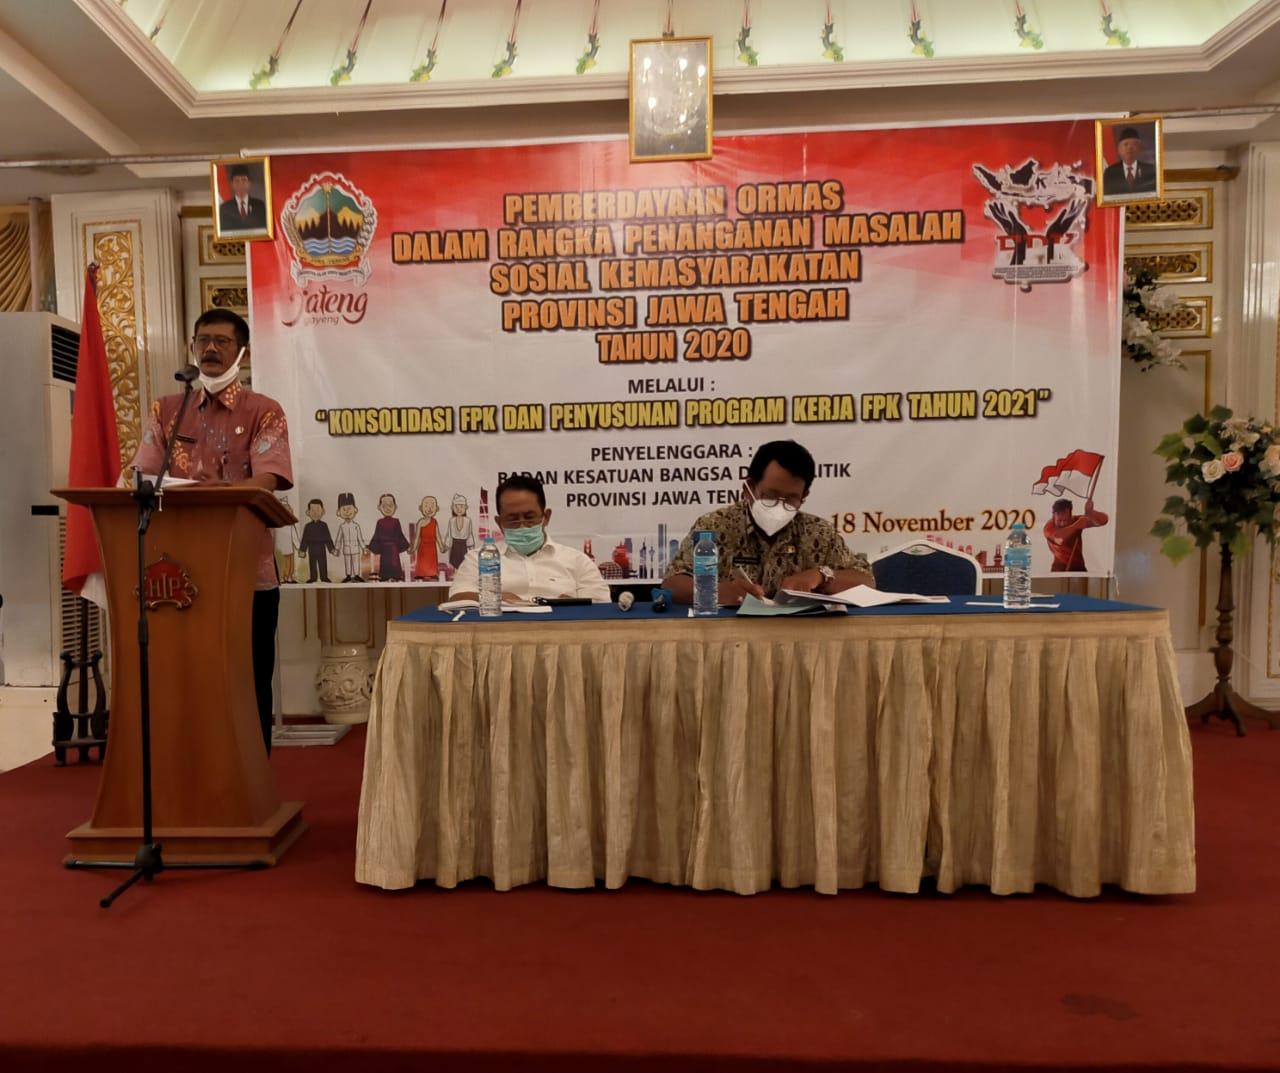 Kegiatan Pemberdayaan Ormas dalam Rangka Penanganan Masalah Sosial Kemasyarakatan yang diselenggarakan Kesbangpol Jateng di Solo, Rabu (18/11/2020).